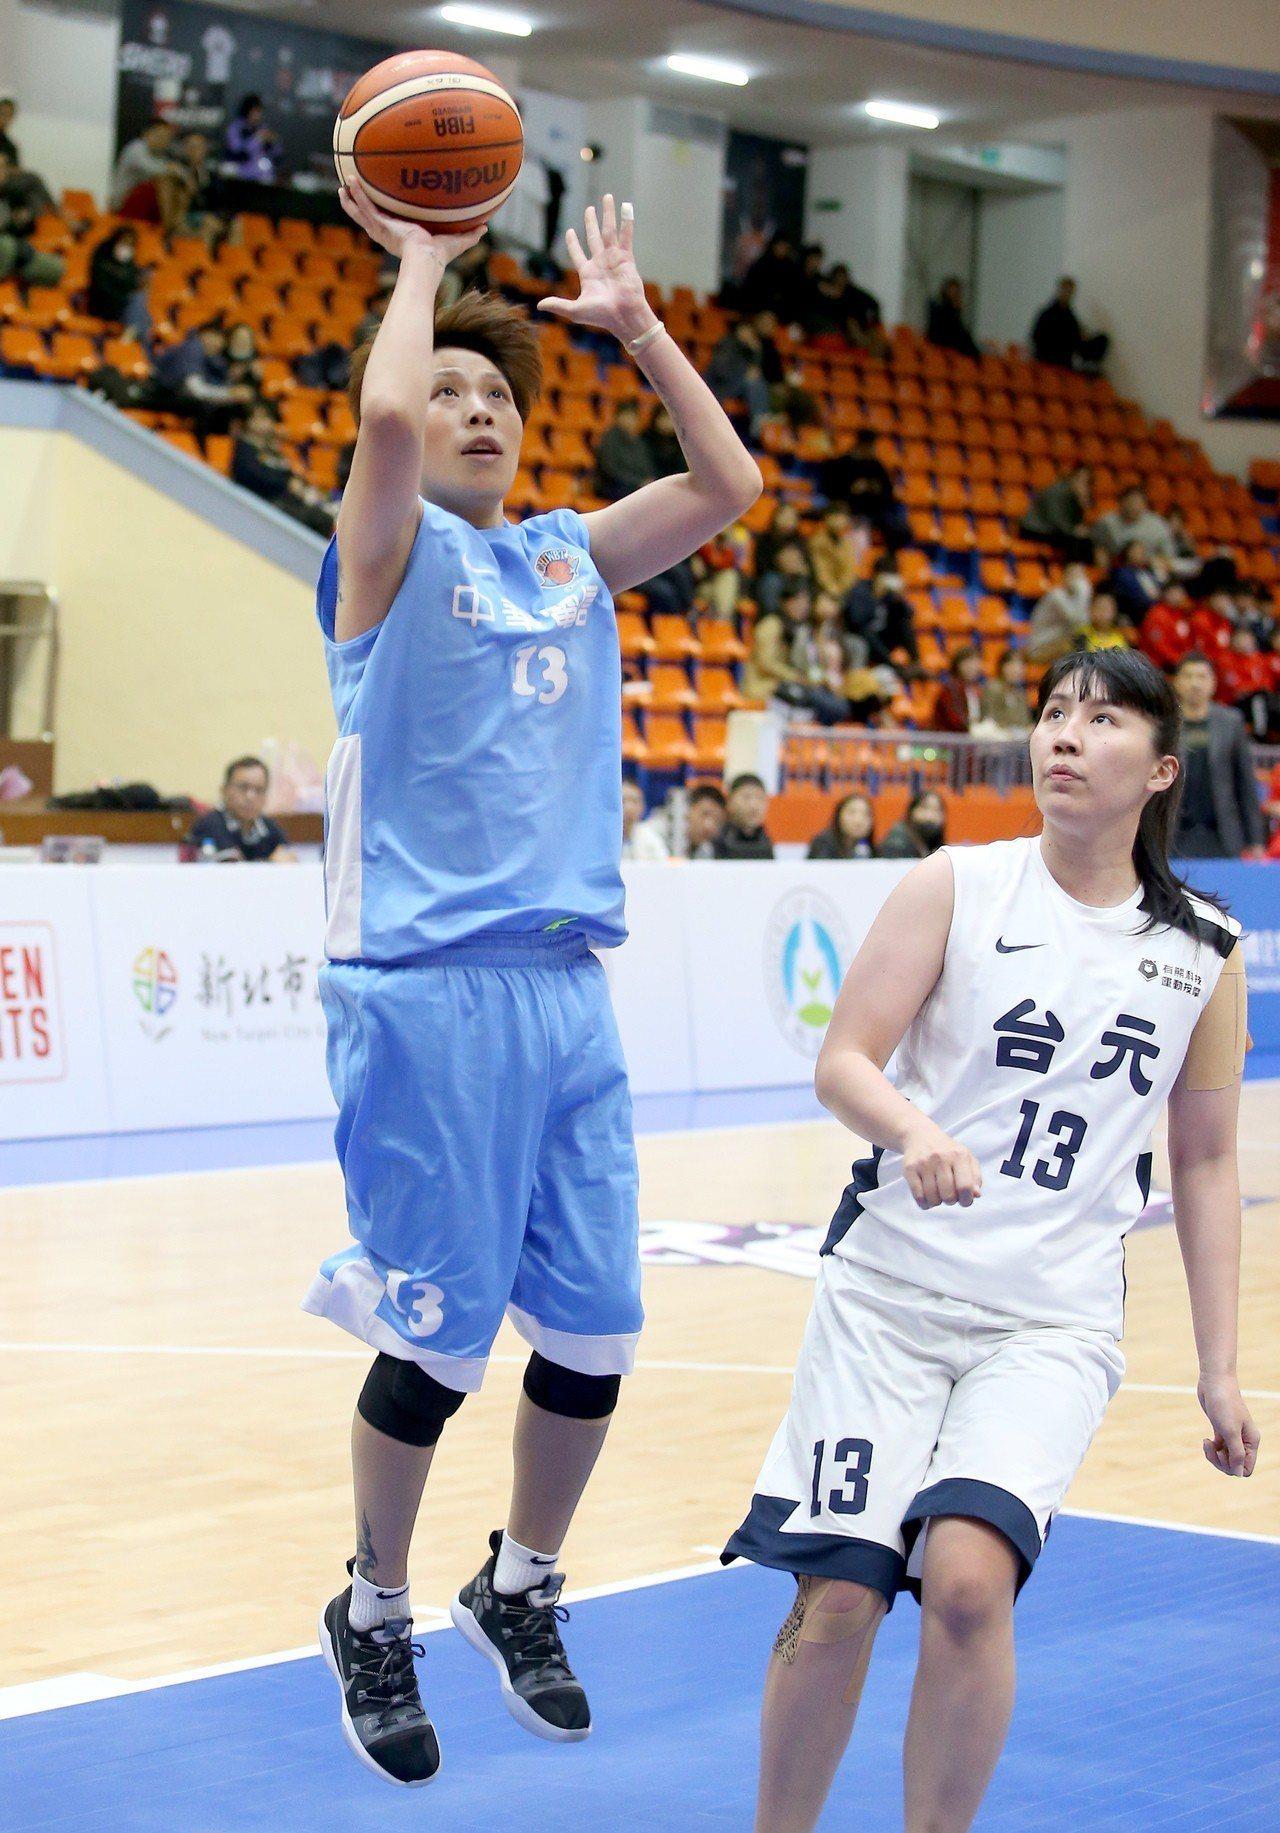 中華電信文祺(左)替補上場得到11分。記者余承翰/攝影